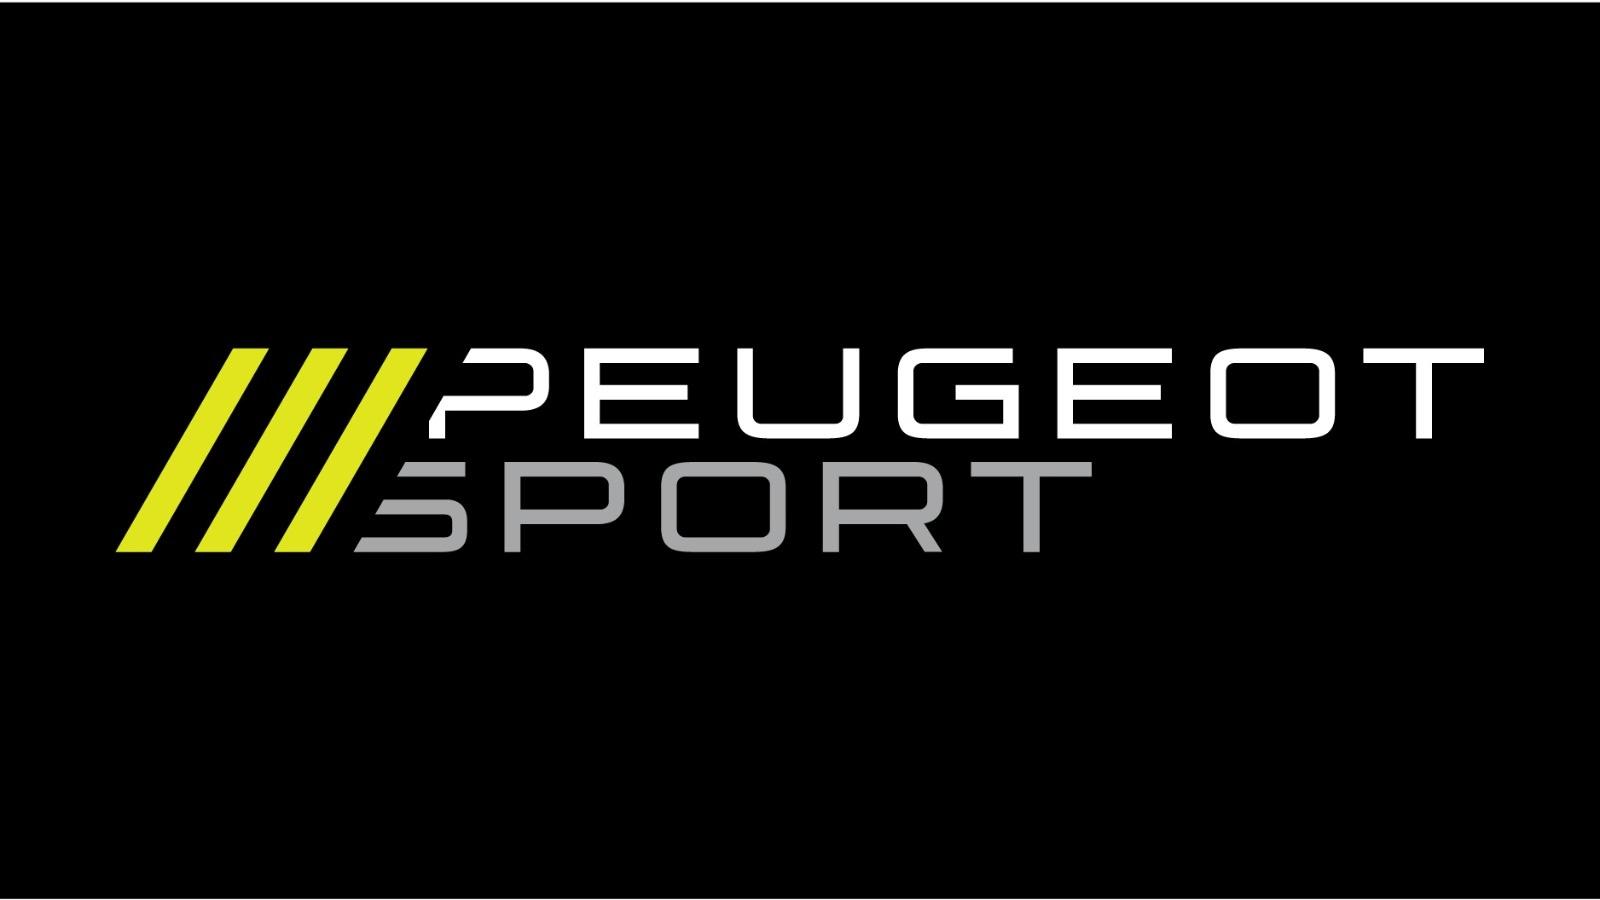 Nueva identidad para Peugeot Sport